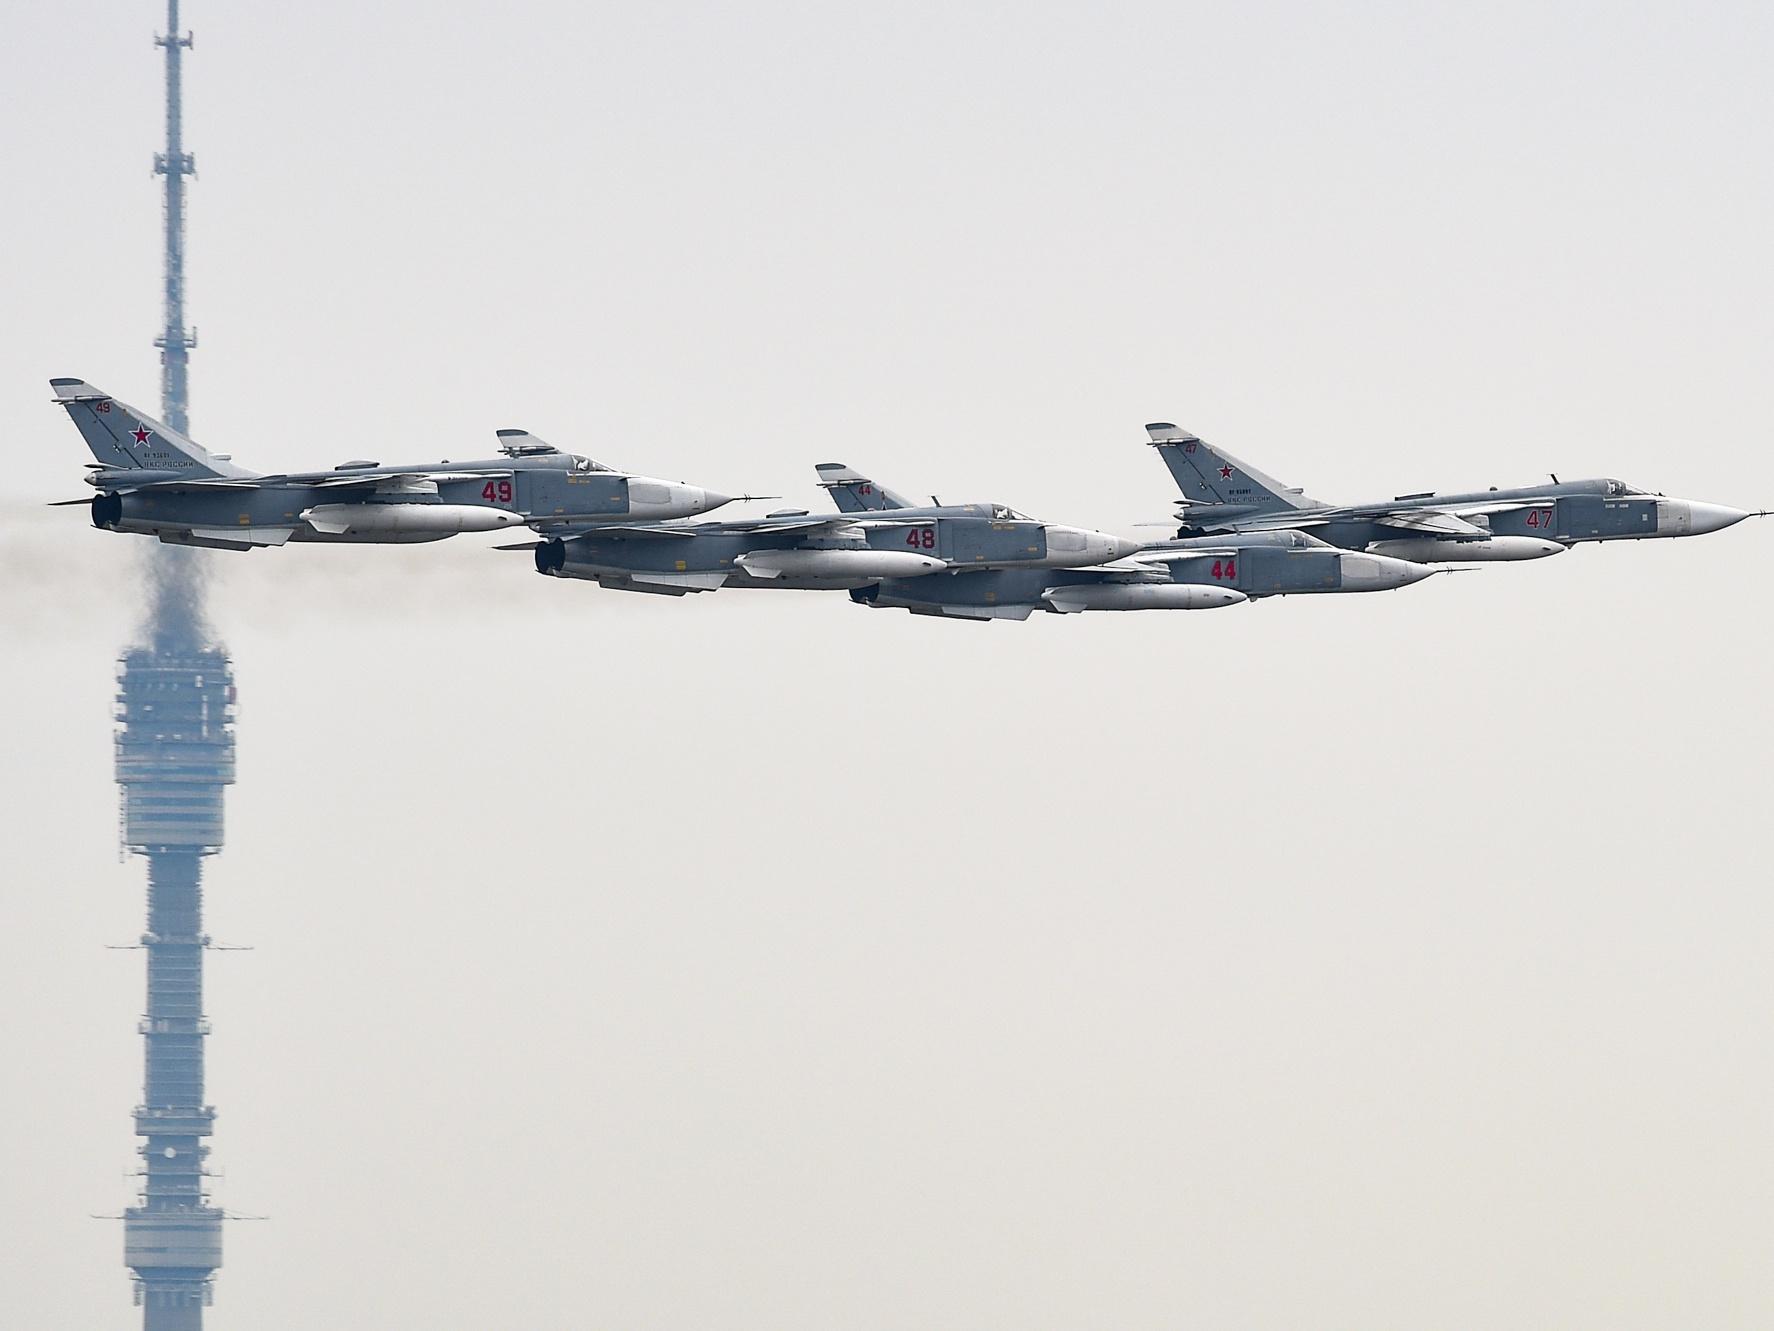 Воздушная феерия: репетиция авиационной части Парада Победы в Москве